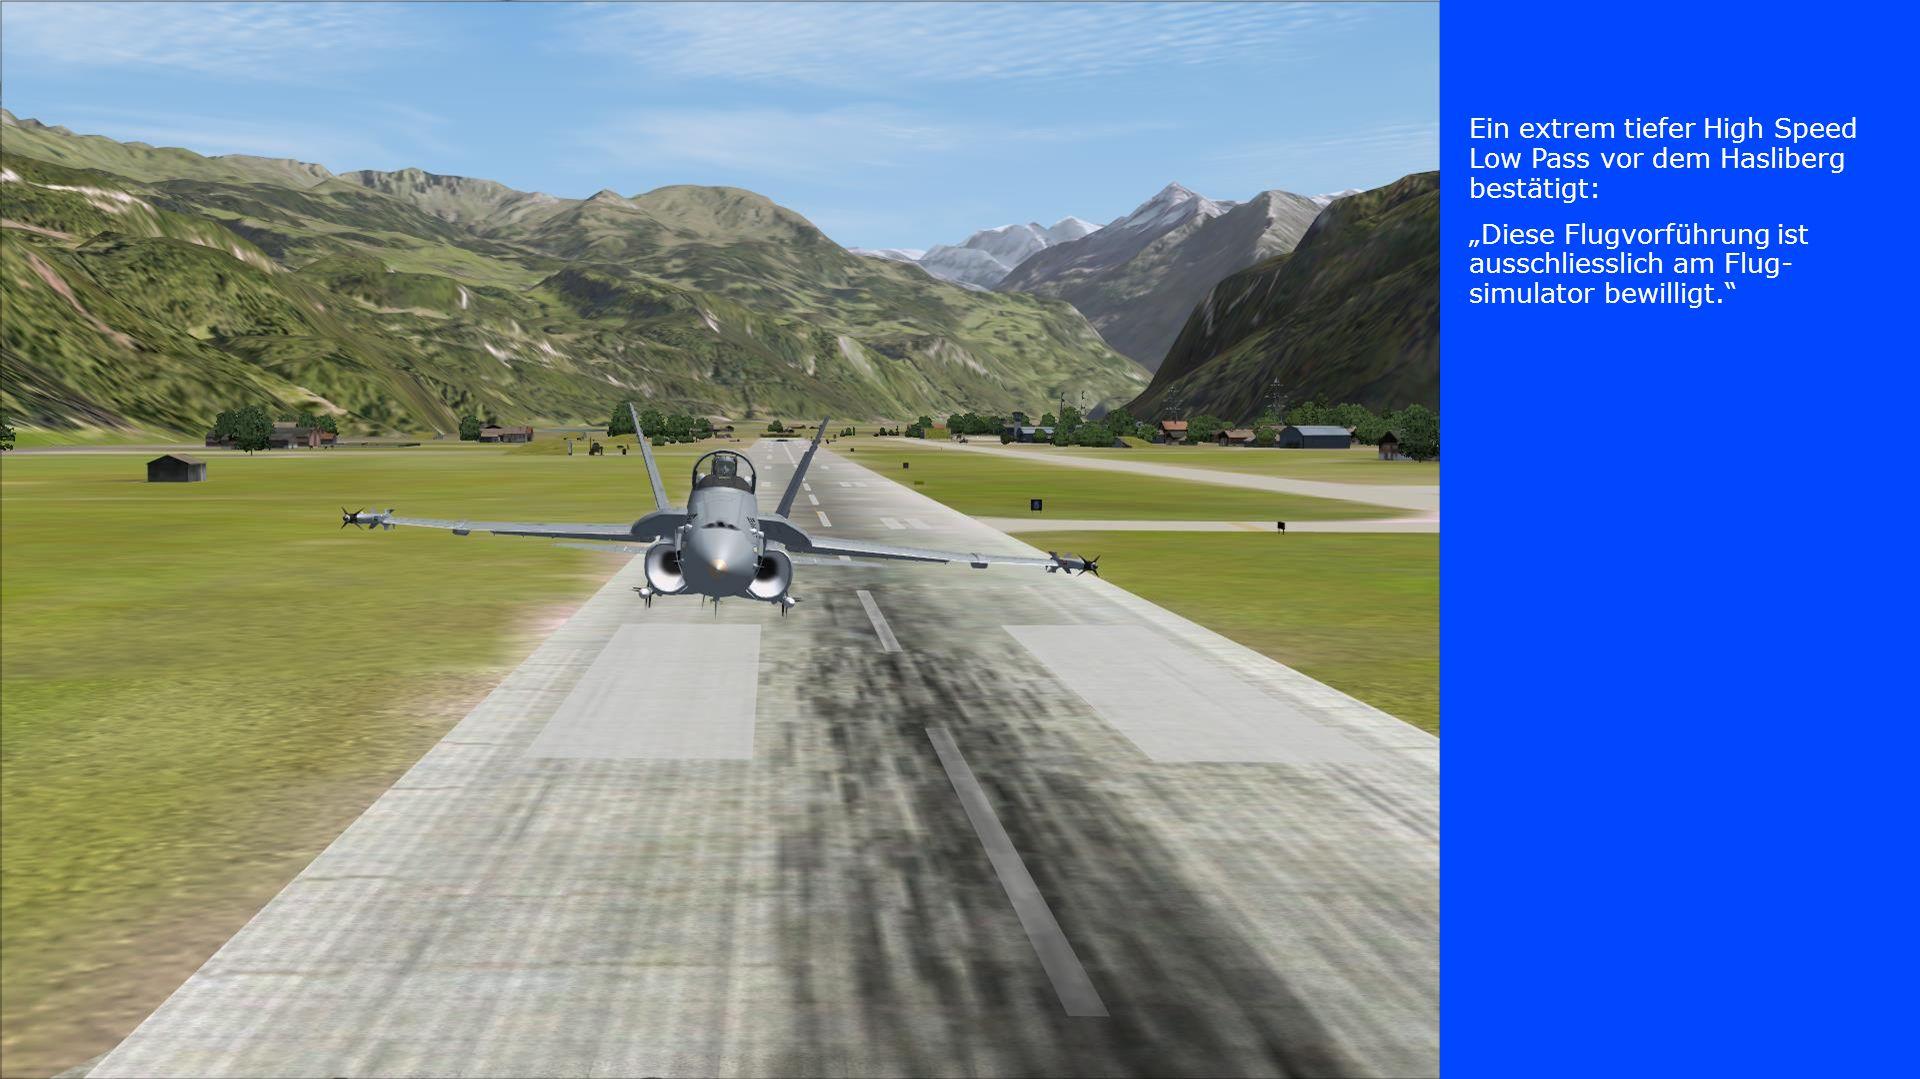 """Ein extrem tiefer High Speed Low Pass vor dem Hasliberg bestätigt: """"Diese Flugvorführung ist ausschliesslich am Flug- simulator bewilligt."""